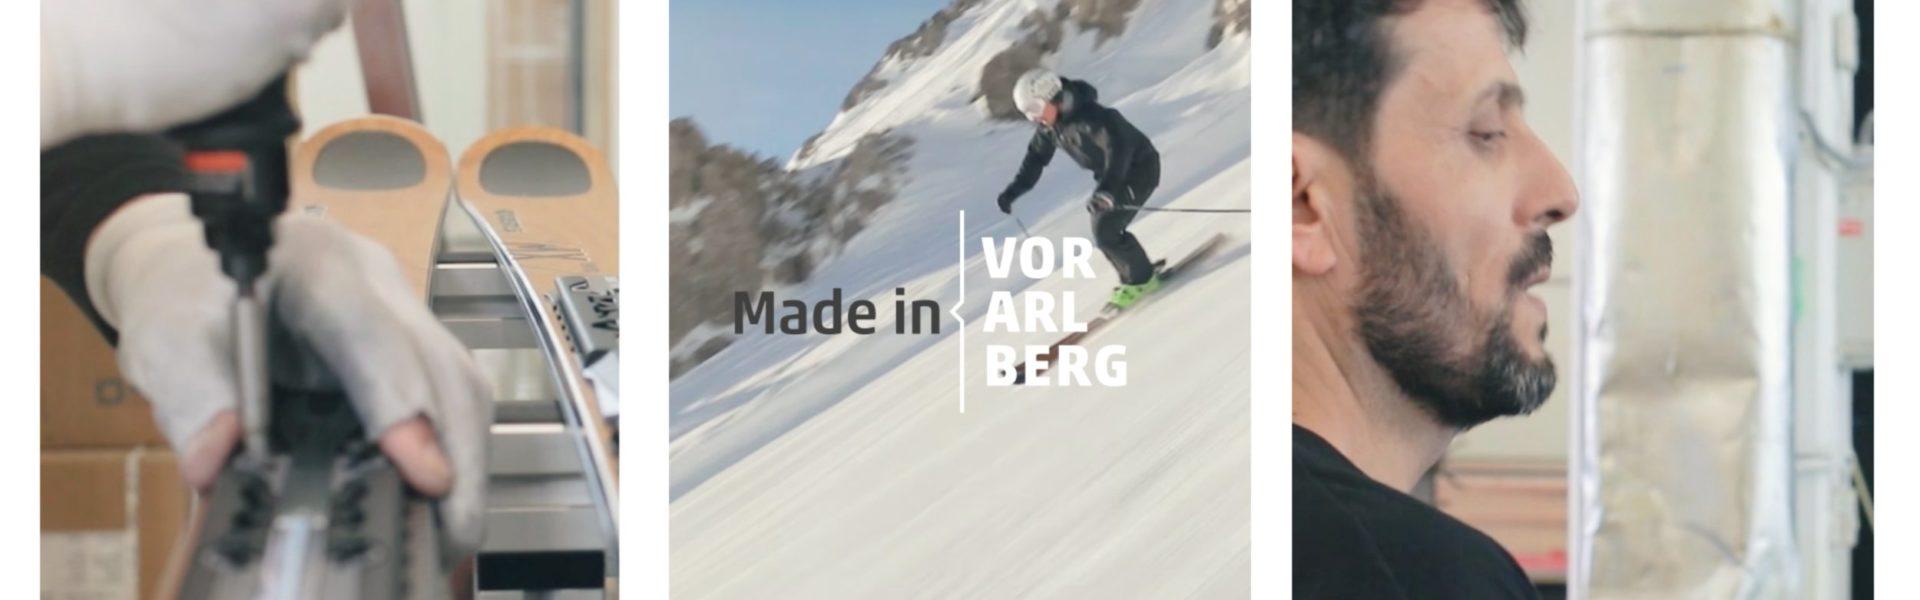 Kästle Ski, Made in Vorarlberg, Video © Markus Gmeiner Matak films / Vorarlberg Tourismus GmbH